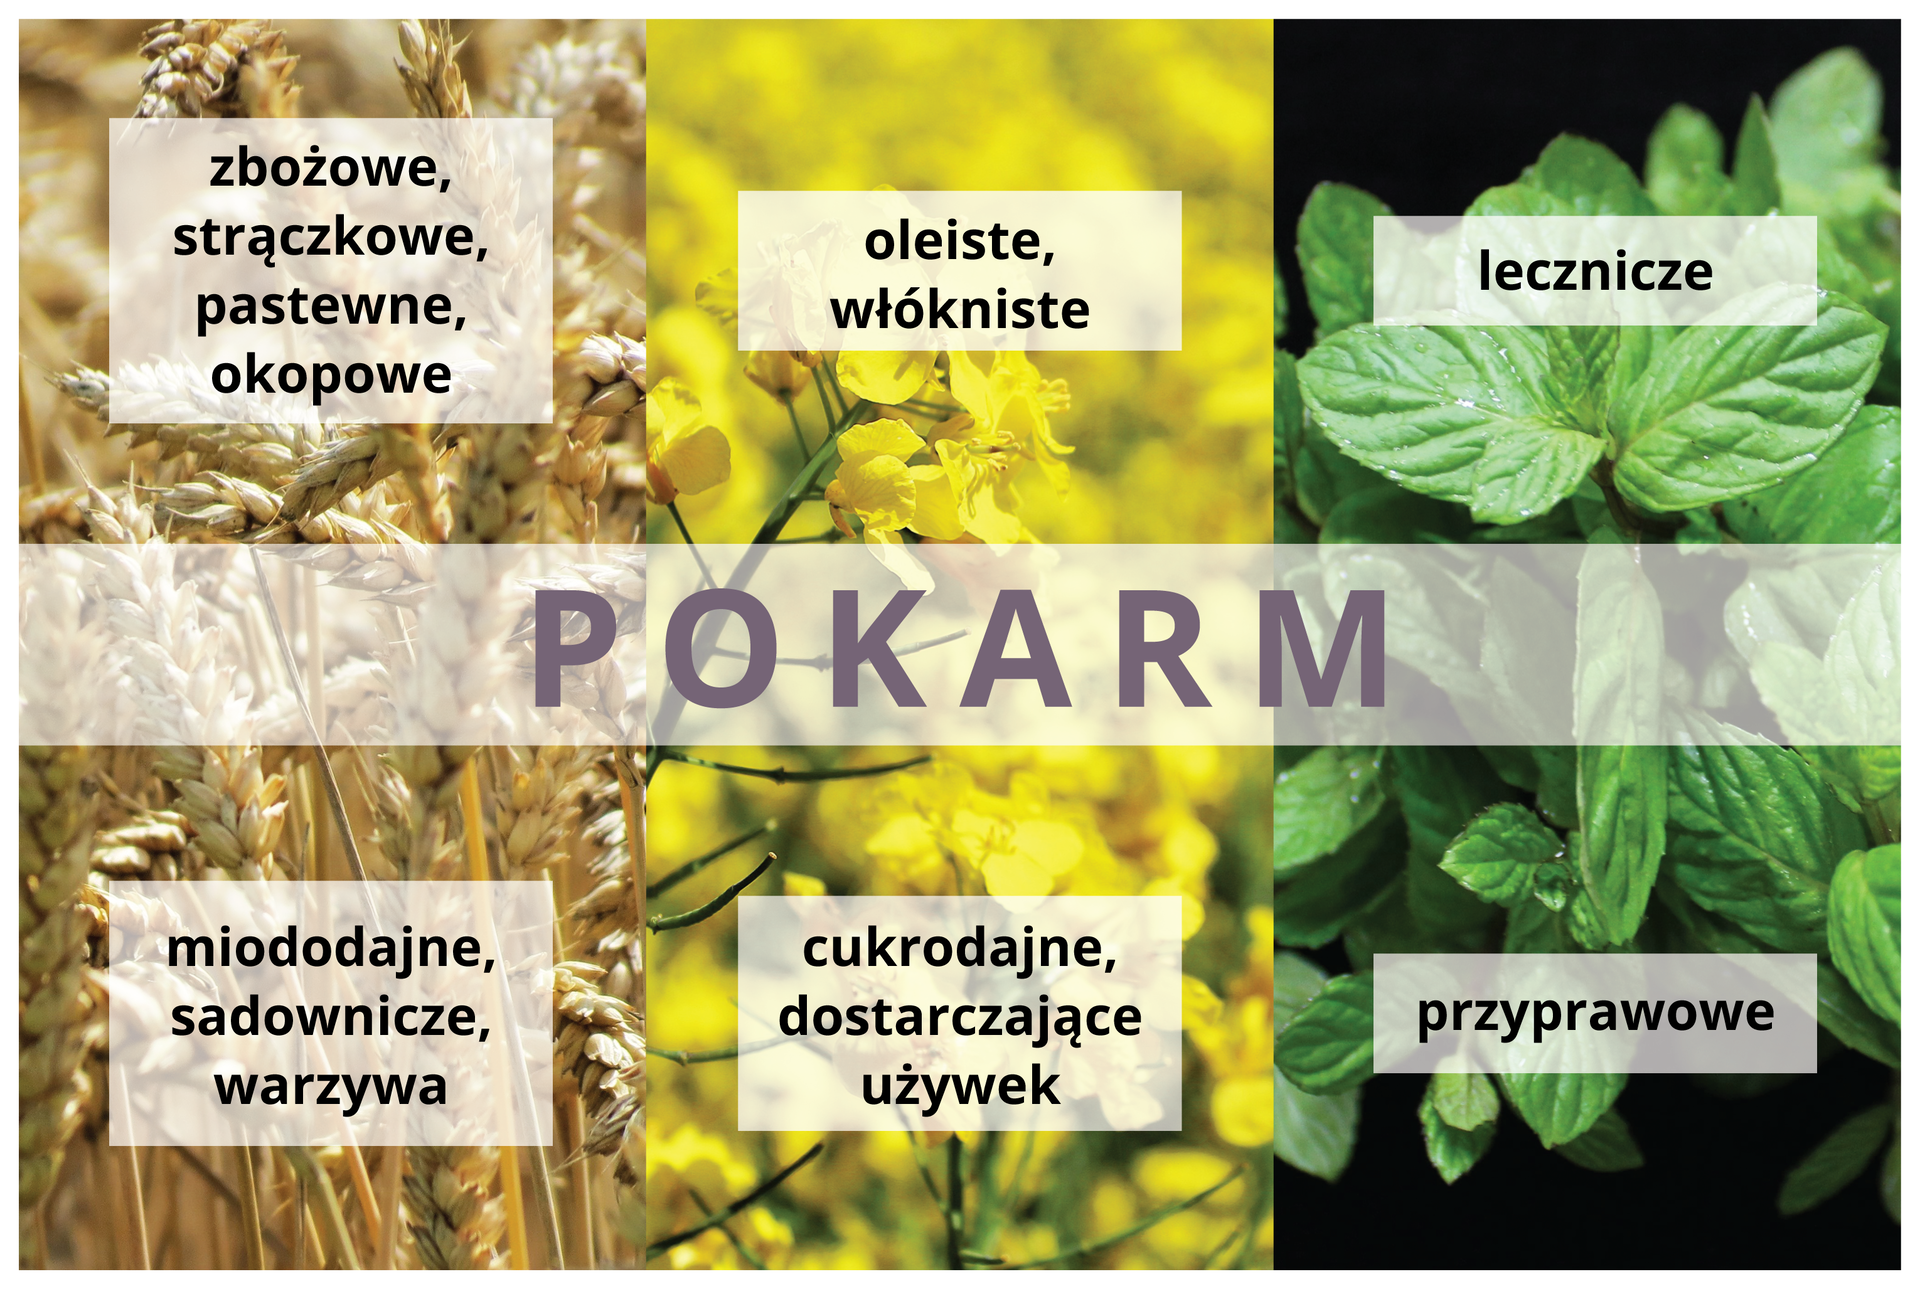 Plansza przedstawia sześć fotografii, na które nałożono jaśniejszy pas znapisem pokarm. Na każdej zfotografii umieszczono jaśniejszy prostokąt zopisem wykorzystania roślin.